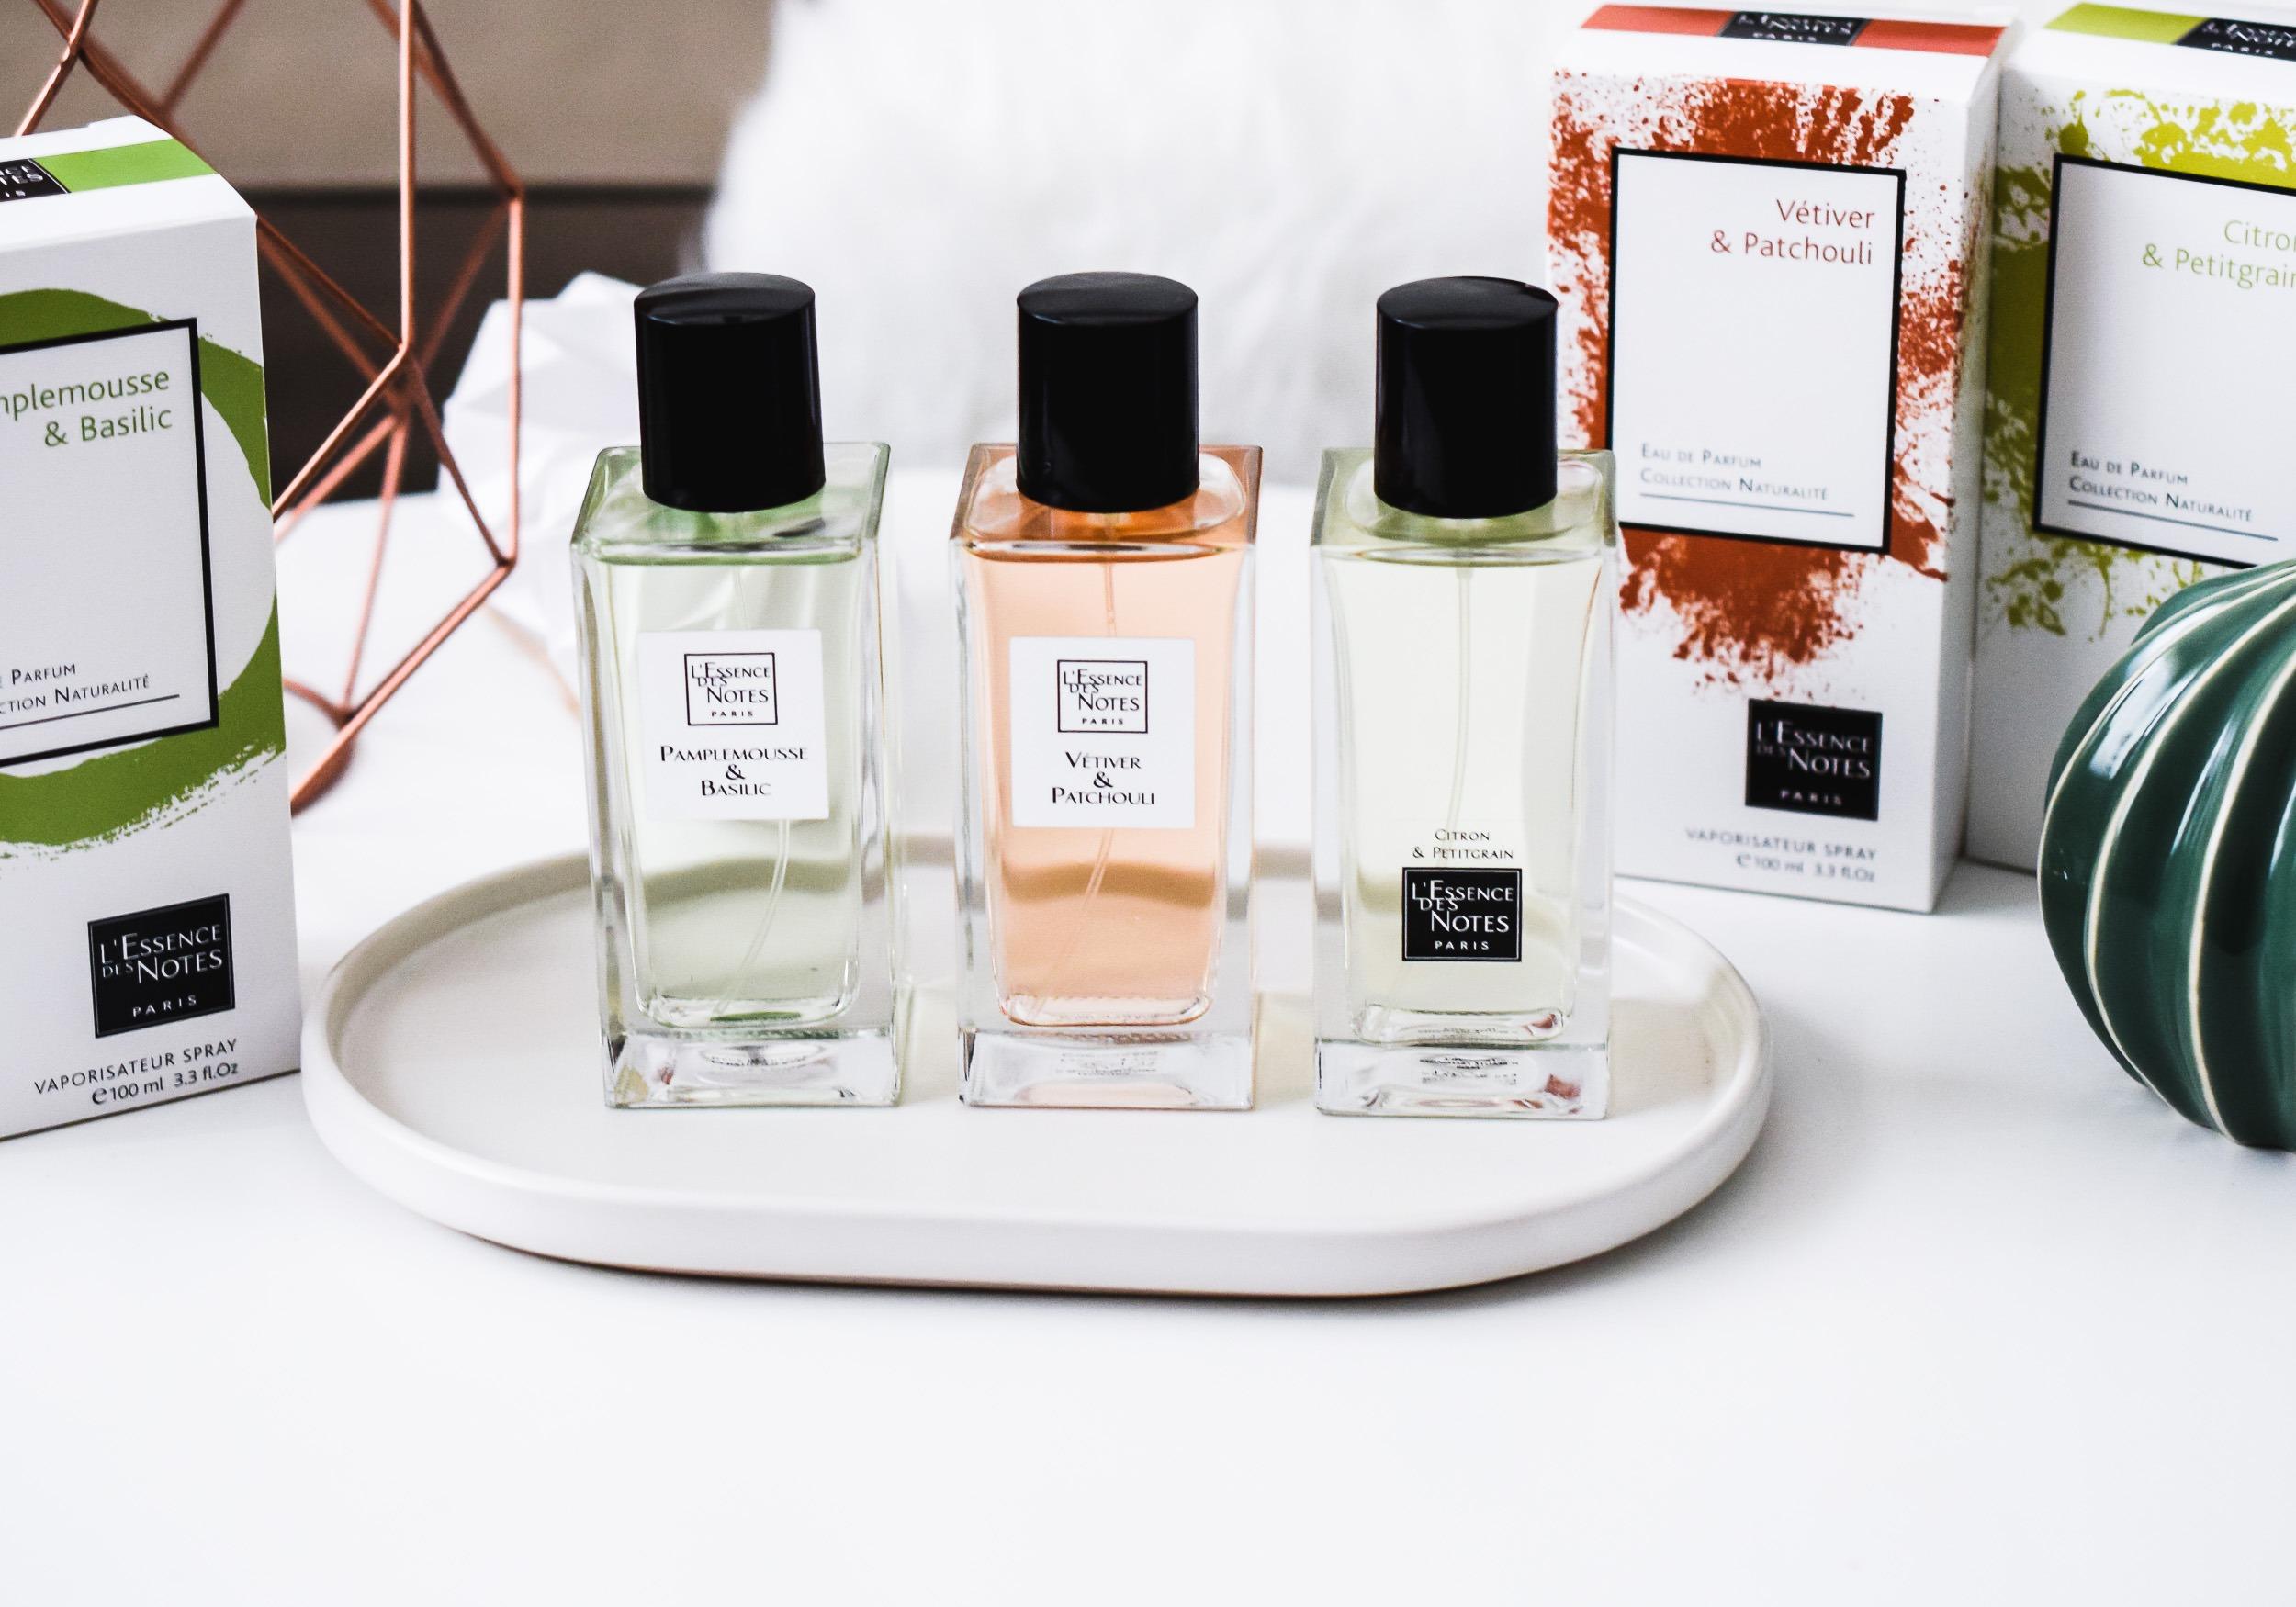 L'ESSENCE DES NOTES Eau de Parfums